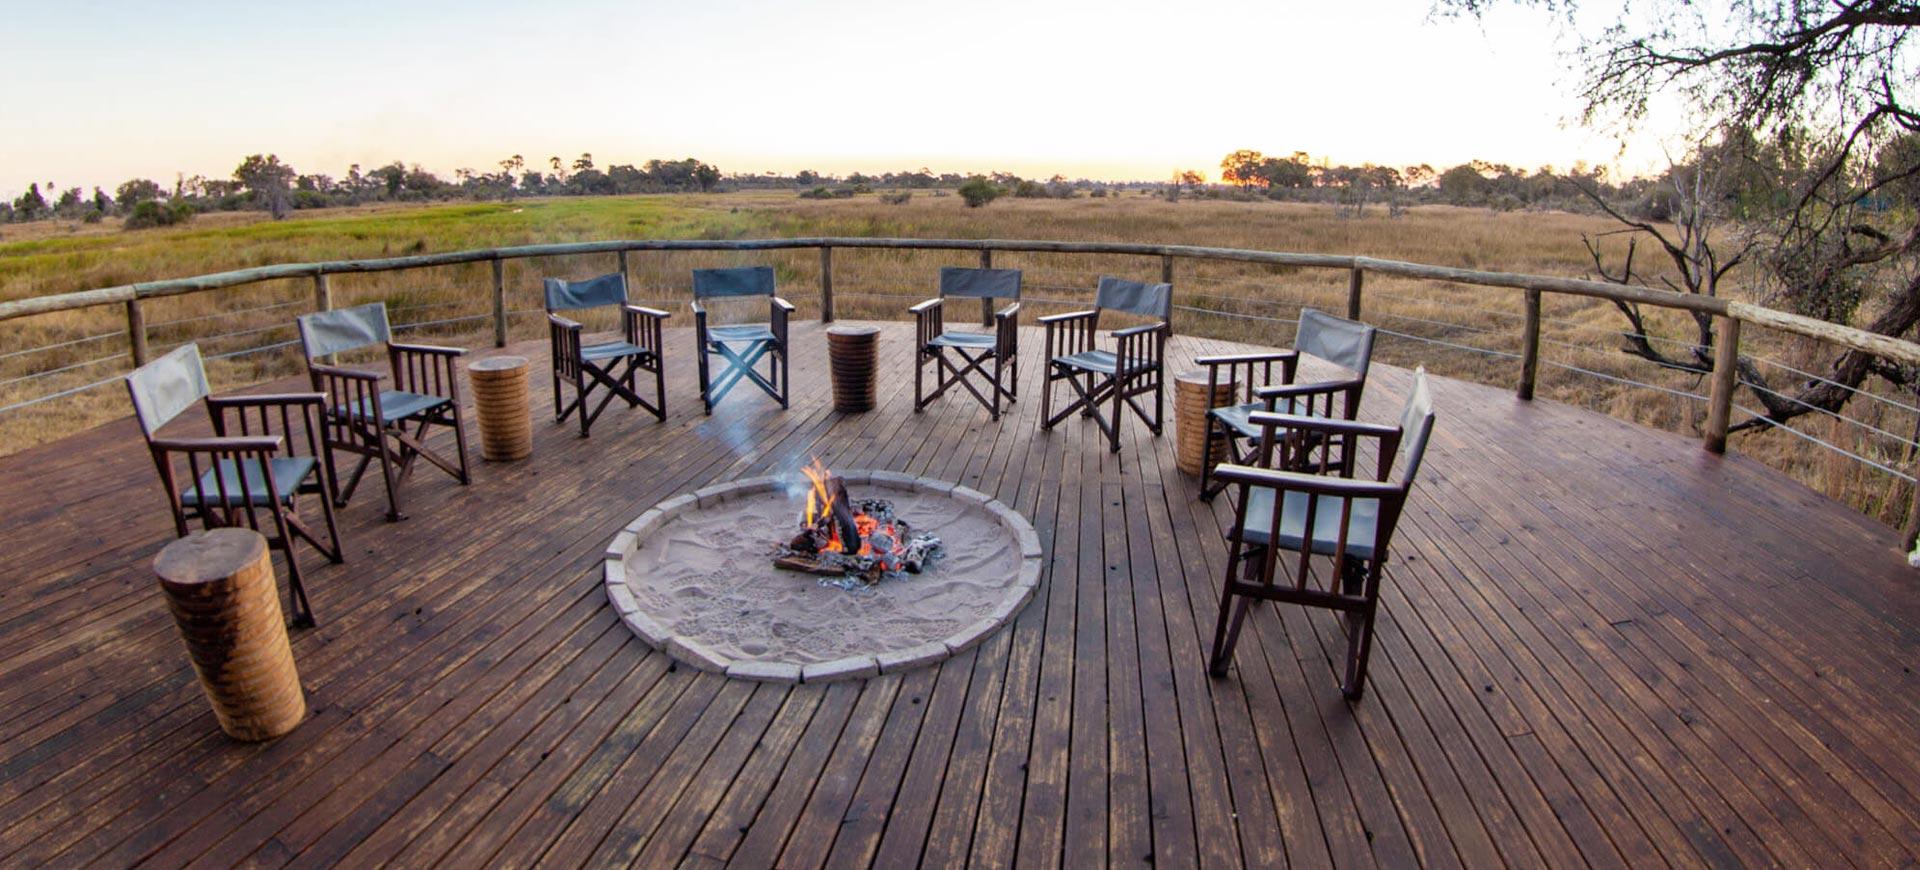 Mma Dinare Okavango Camp